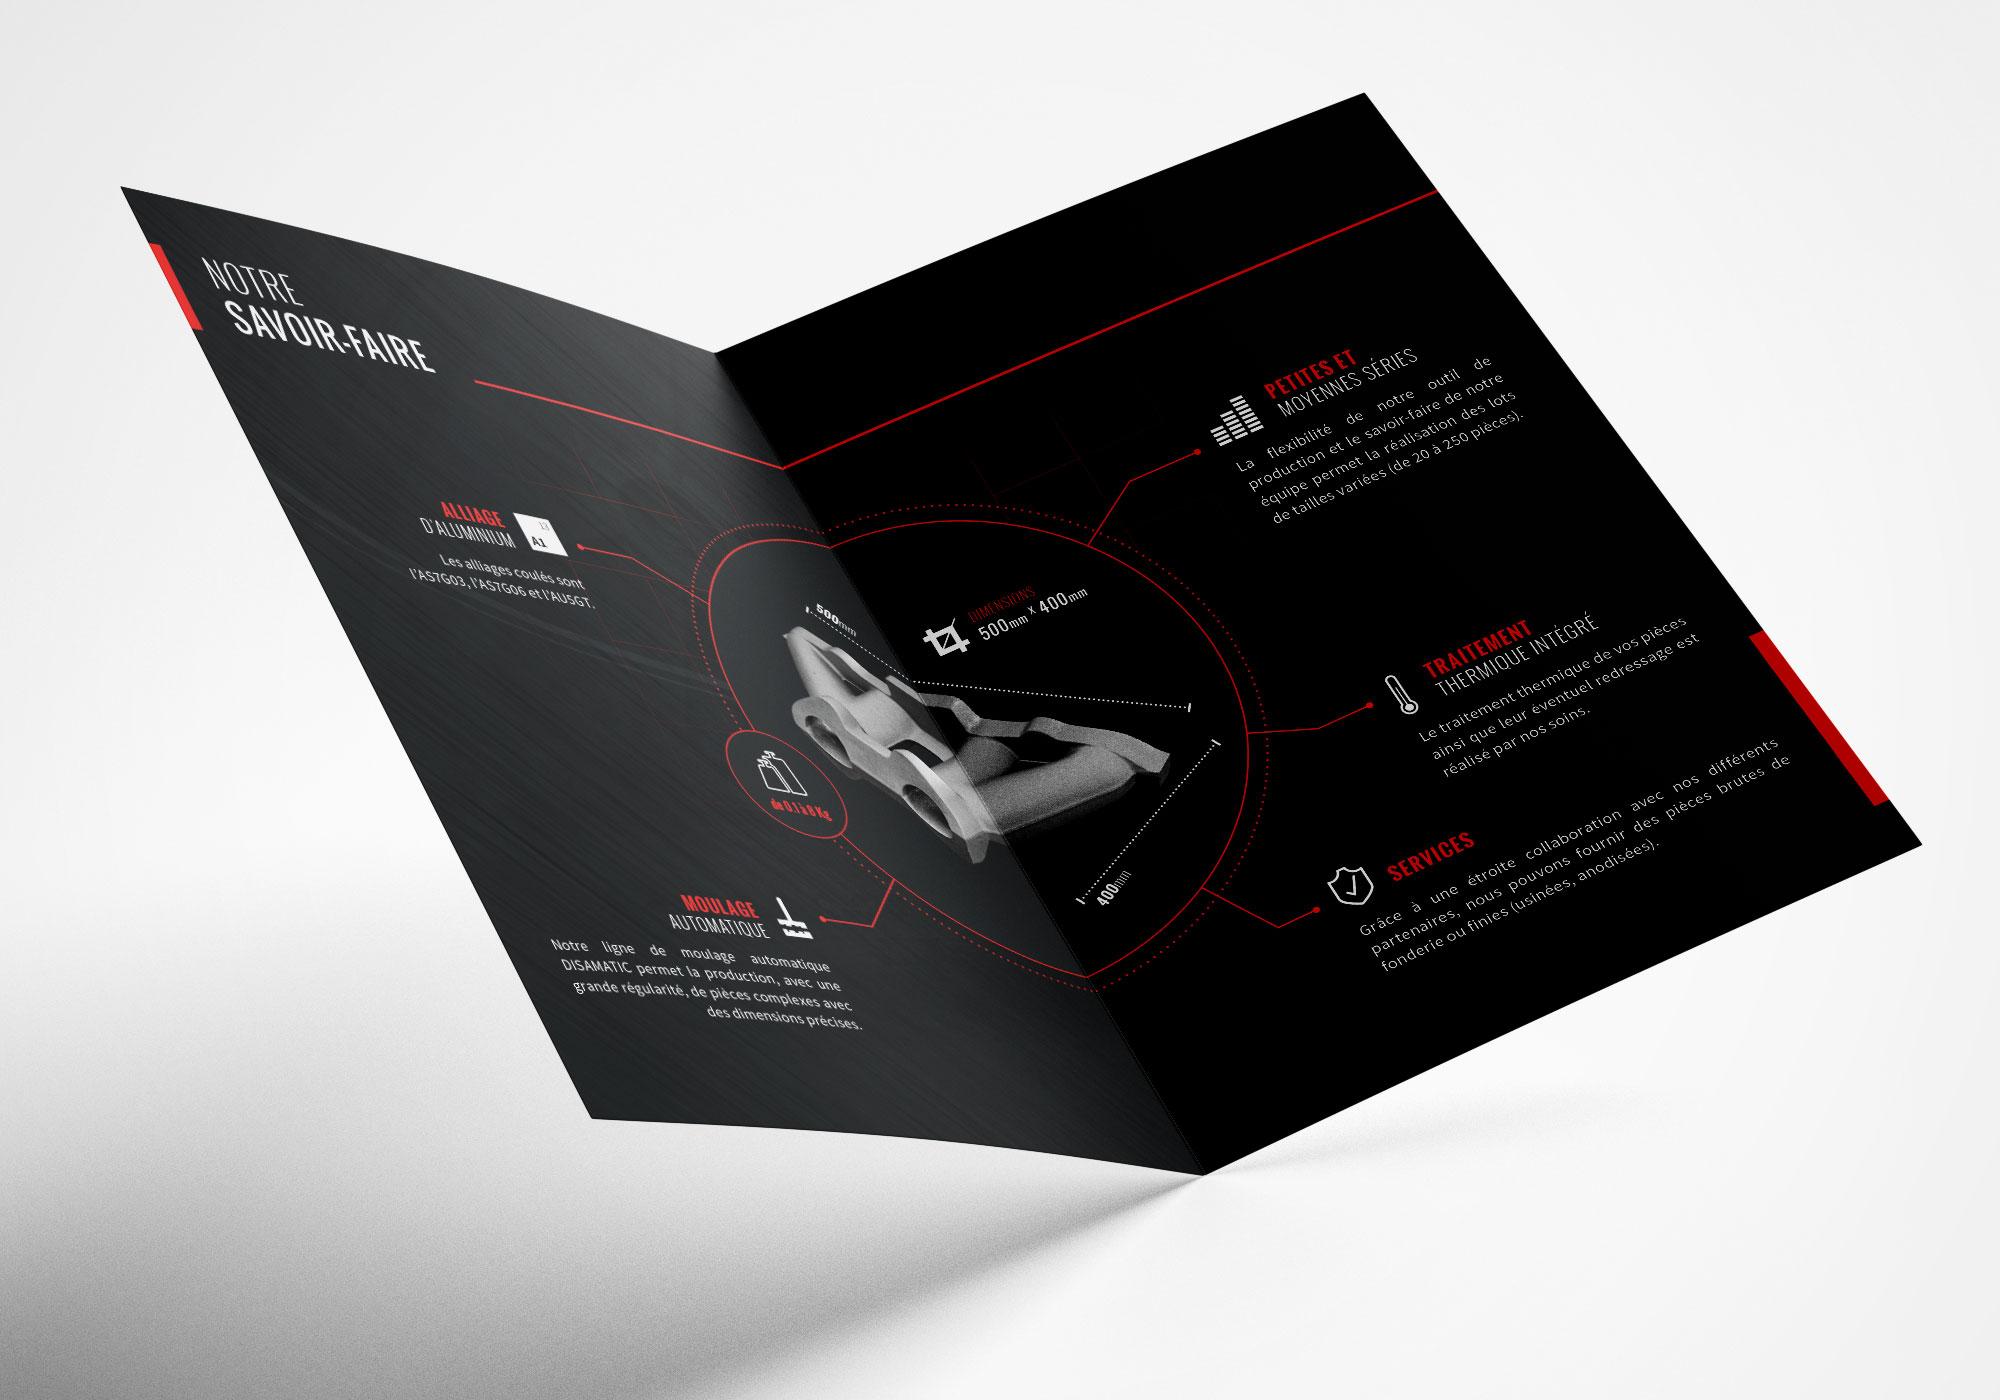 Création plaquette commerciale Roanne fonderie Roanne Bordeaux loic hermer Graphiste Webdesigner